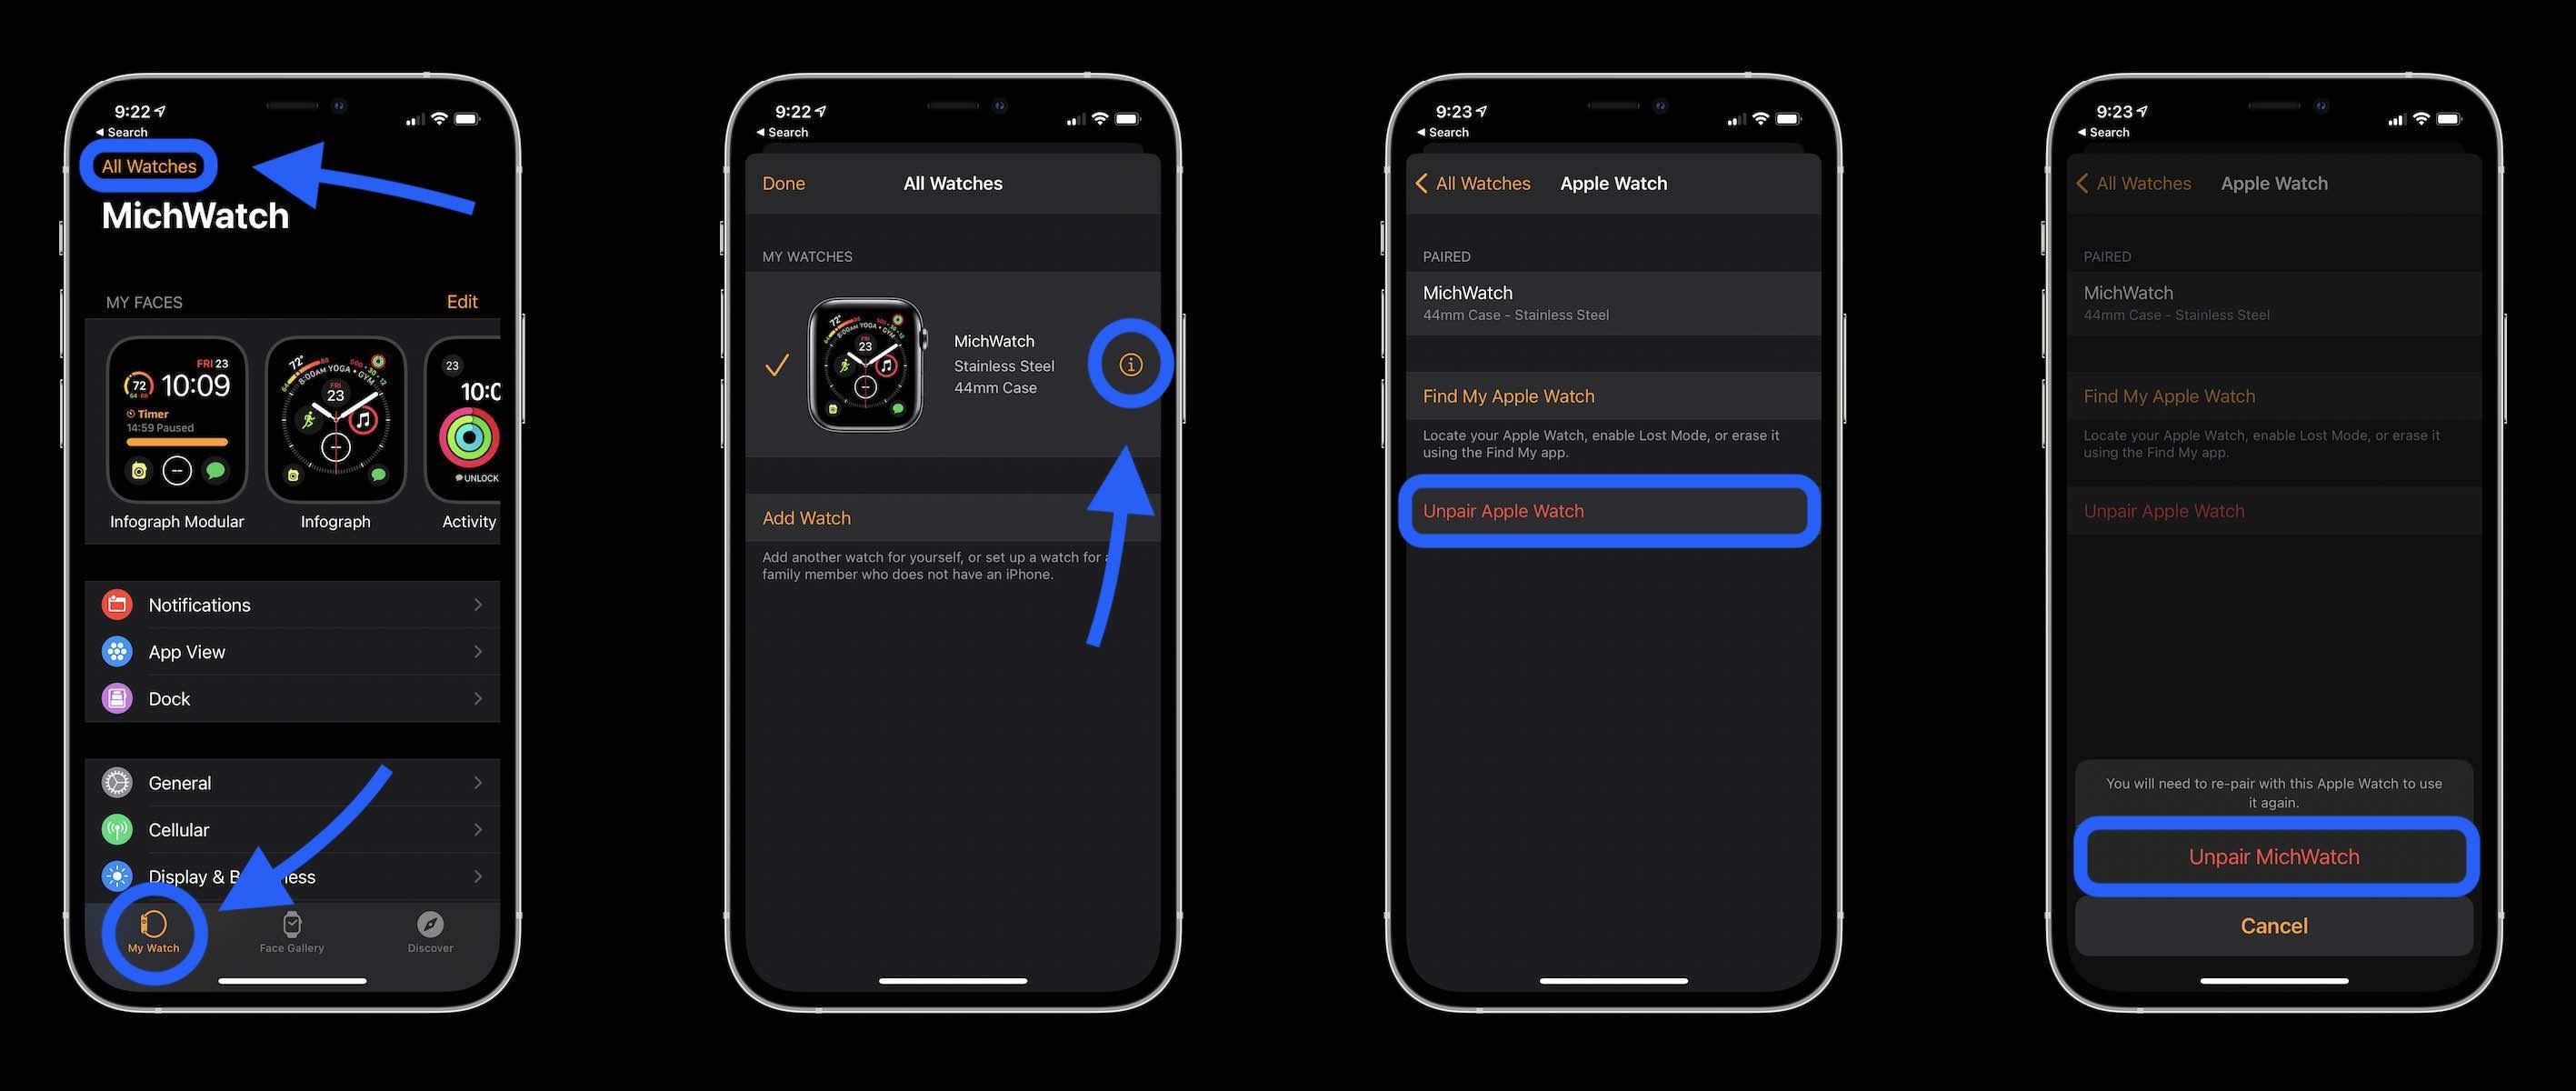 Как разорвать пару с Apple Watch - пошаговое руководство